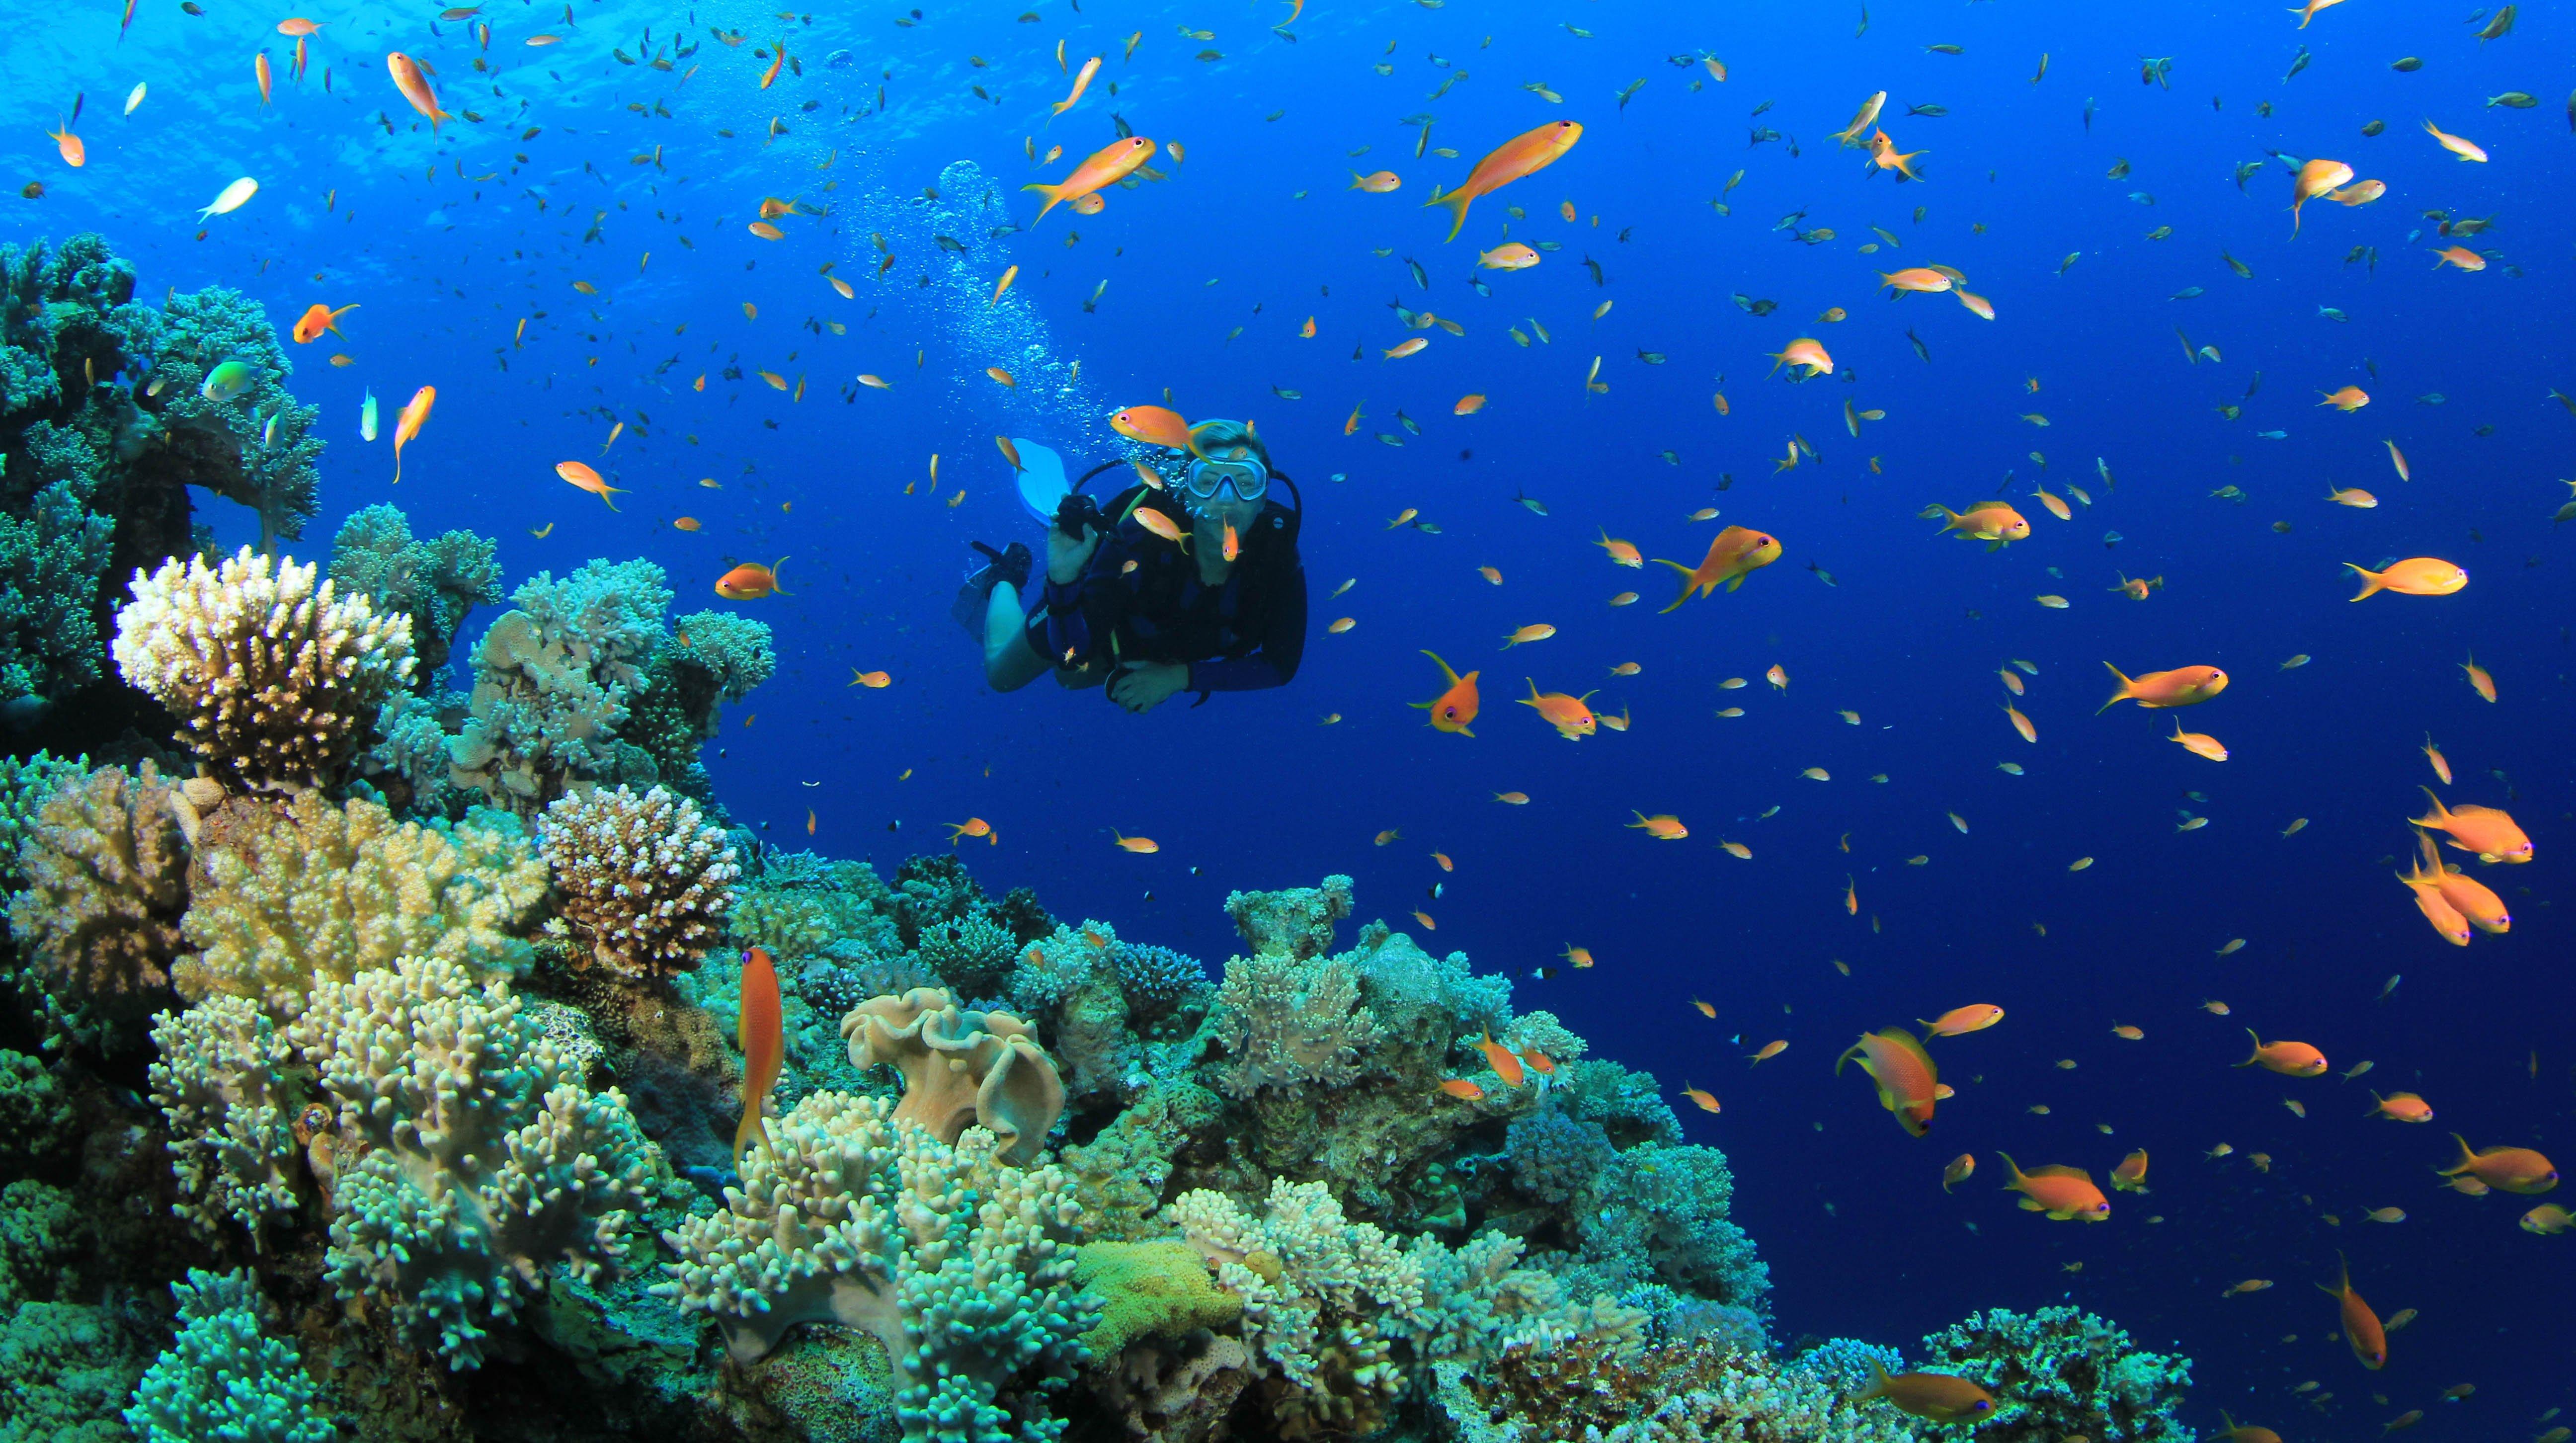 Scuba diving diver ocean sea underwater fish wallpaper ...